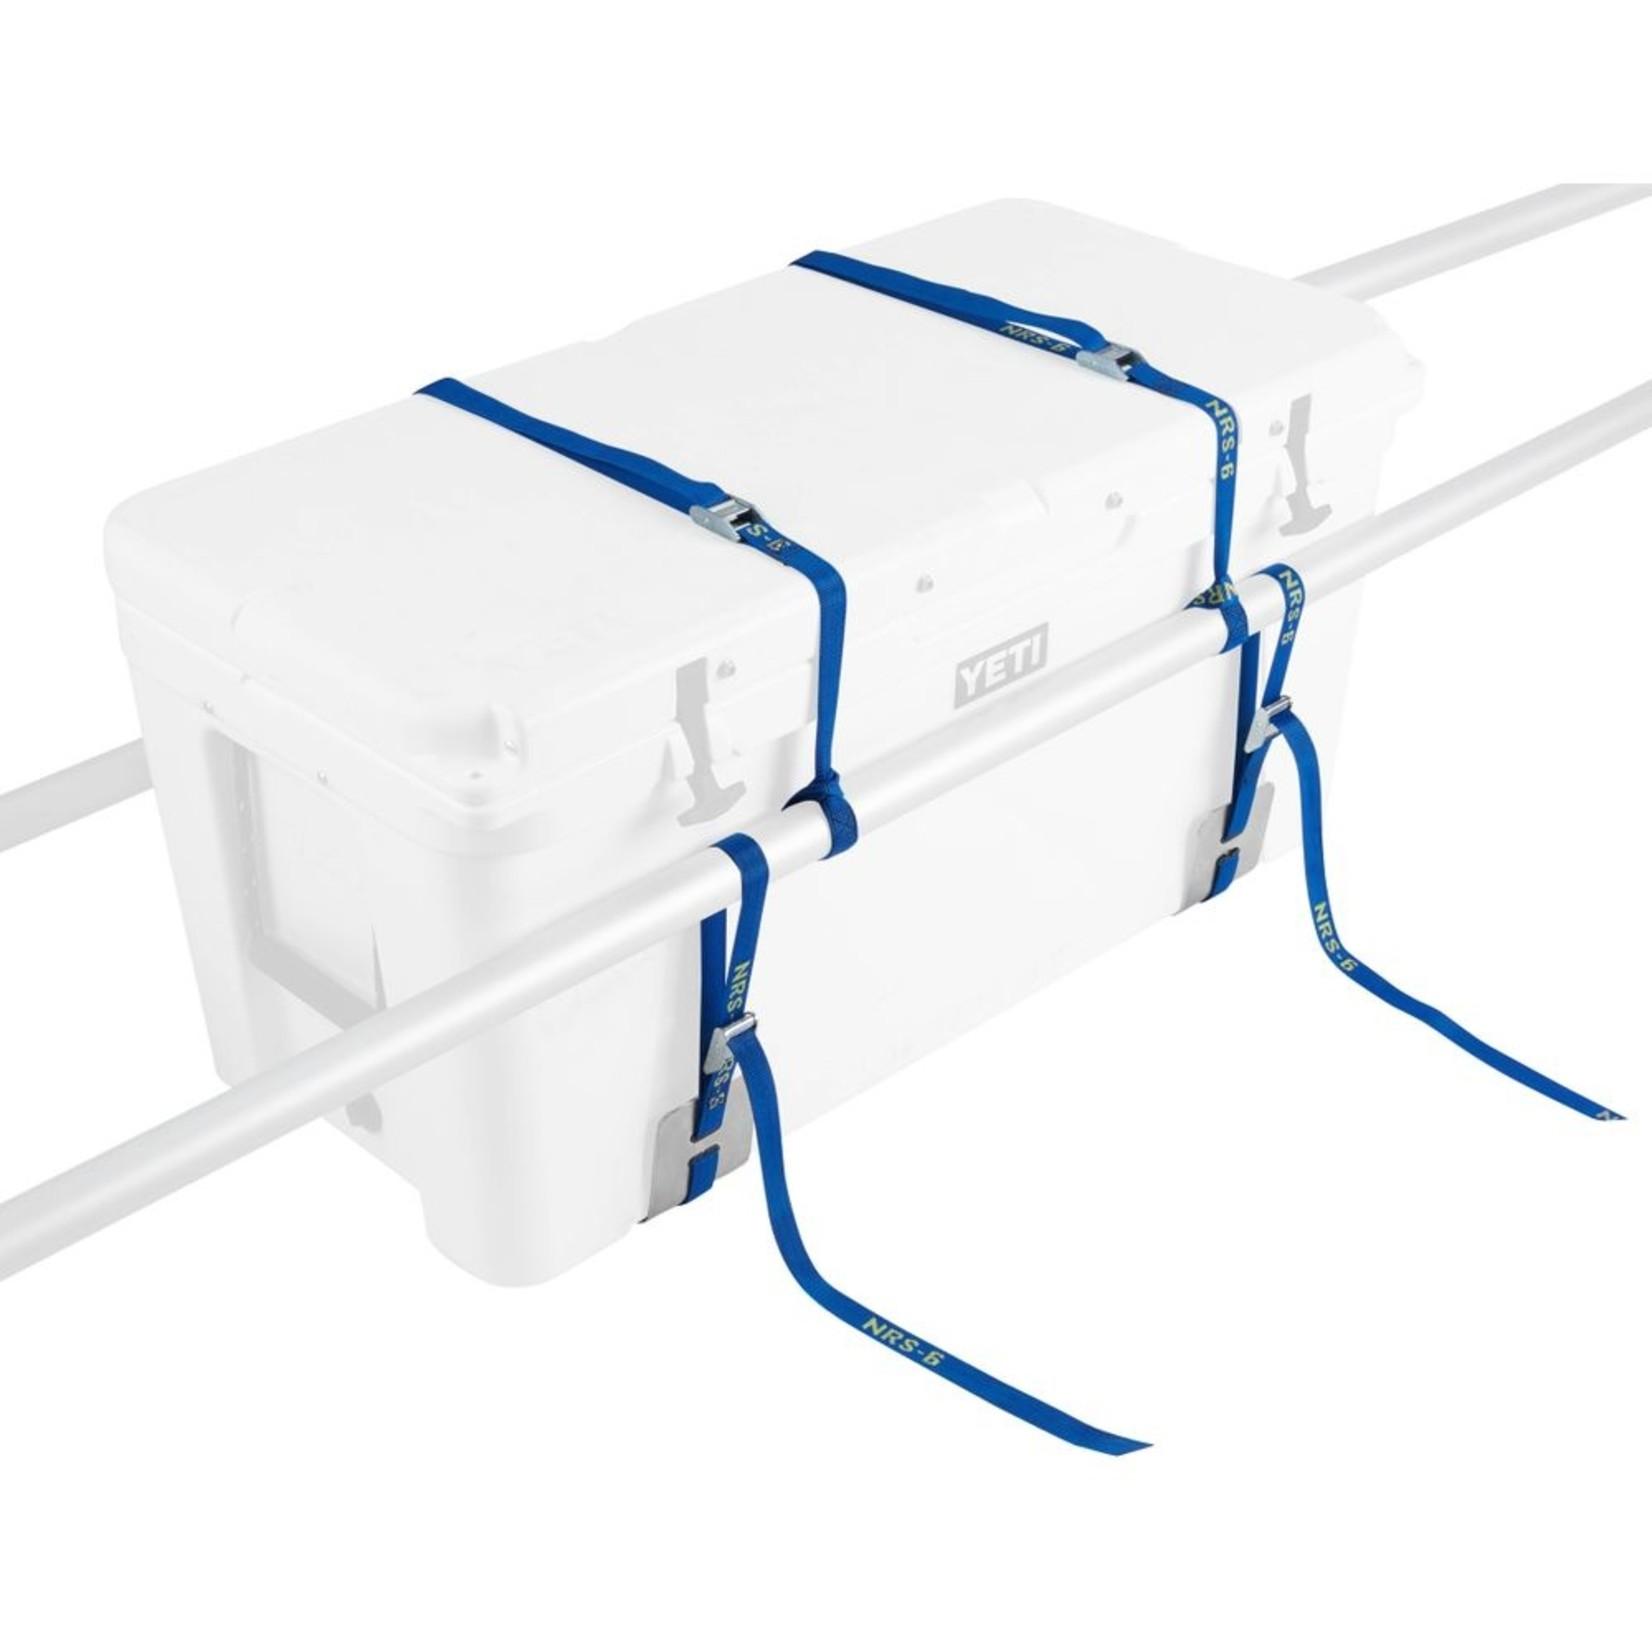 NRS NRS Frame Adjustable Cooler Mounts